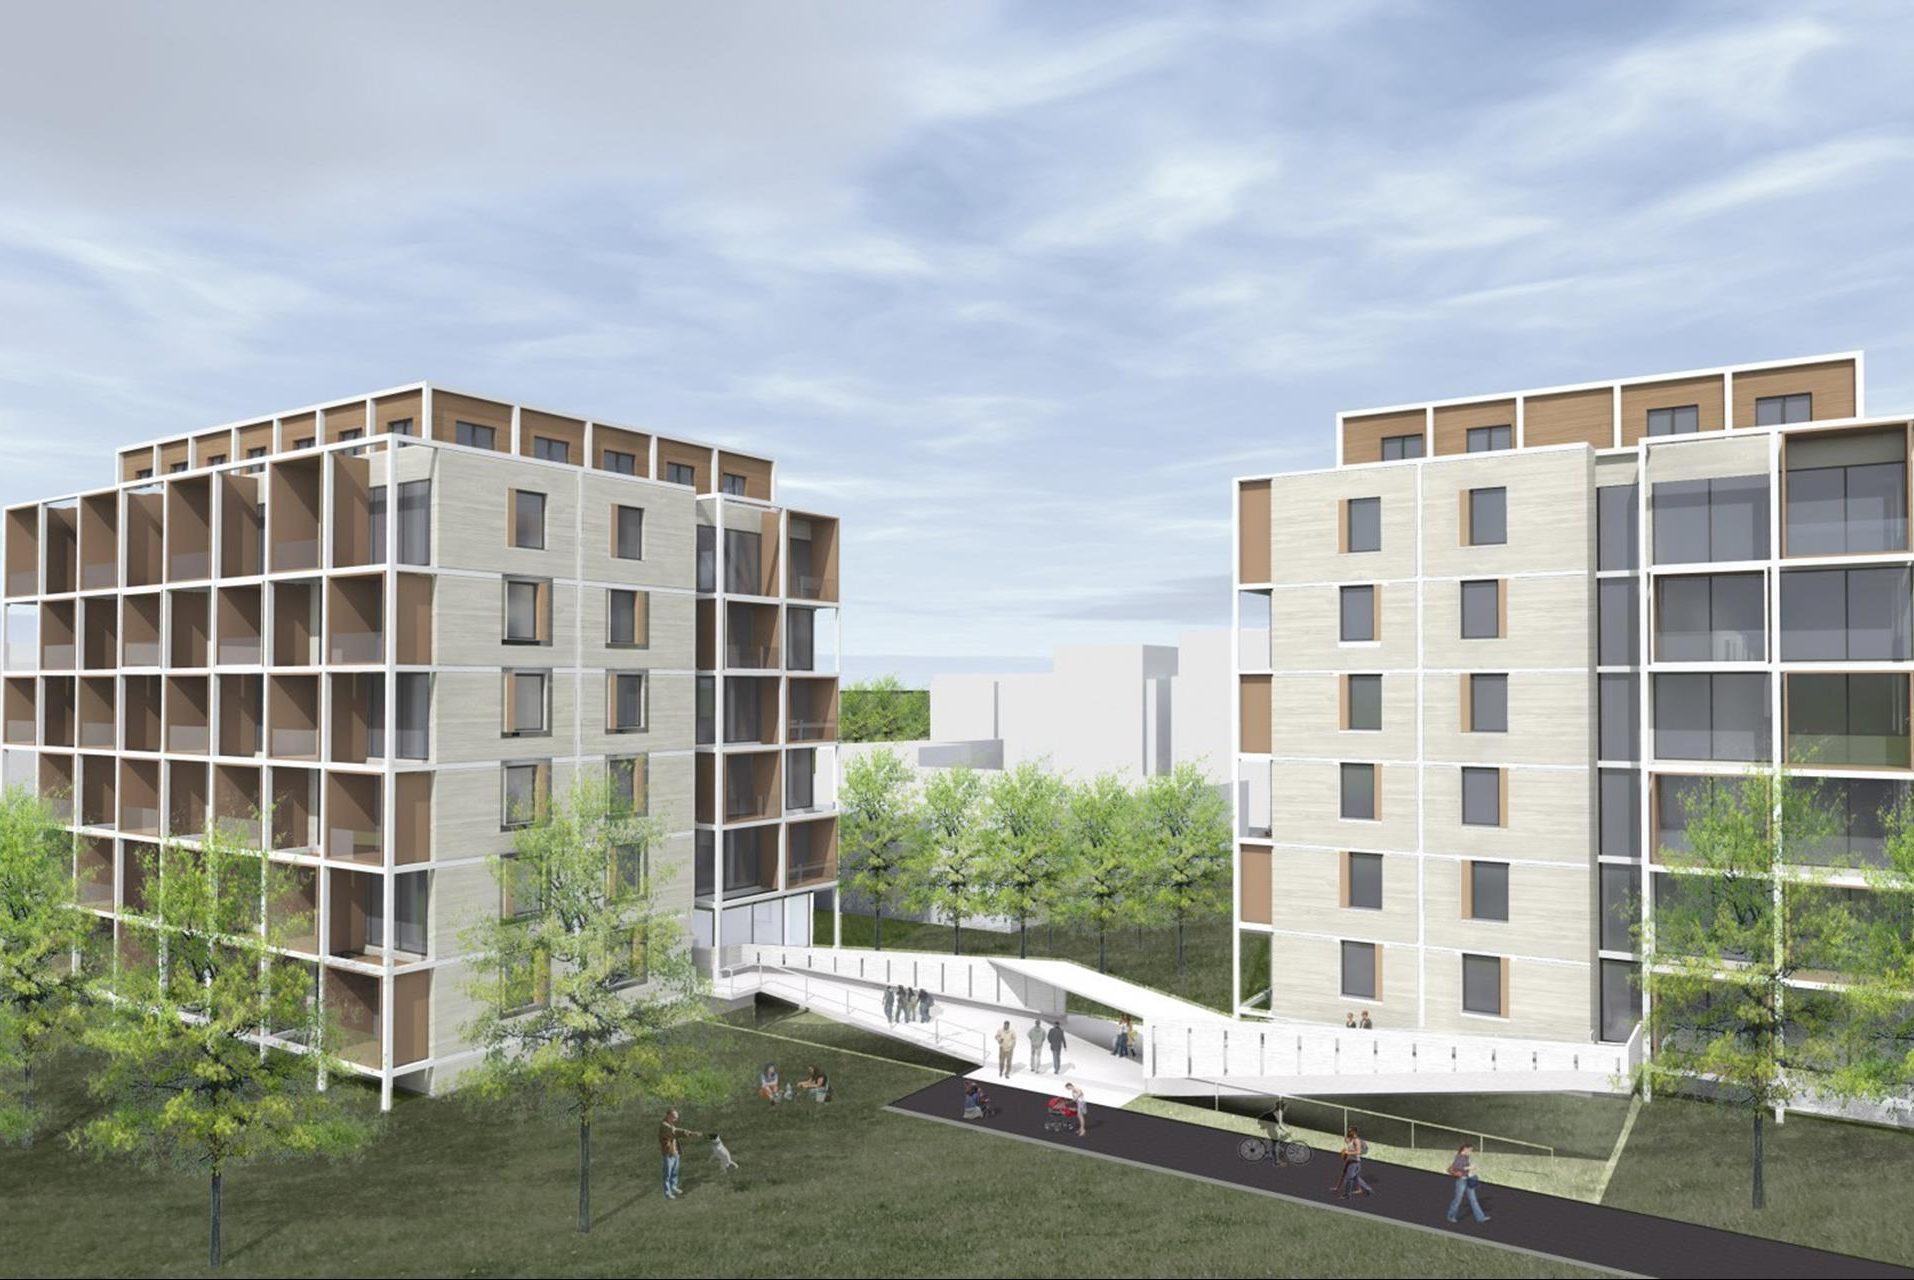 Stendaler Straße NOVA Bauen Berlin Fliesendesign